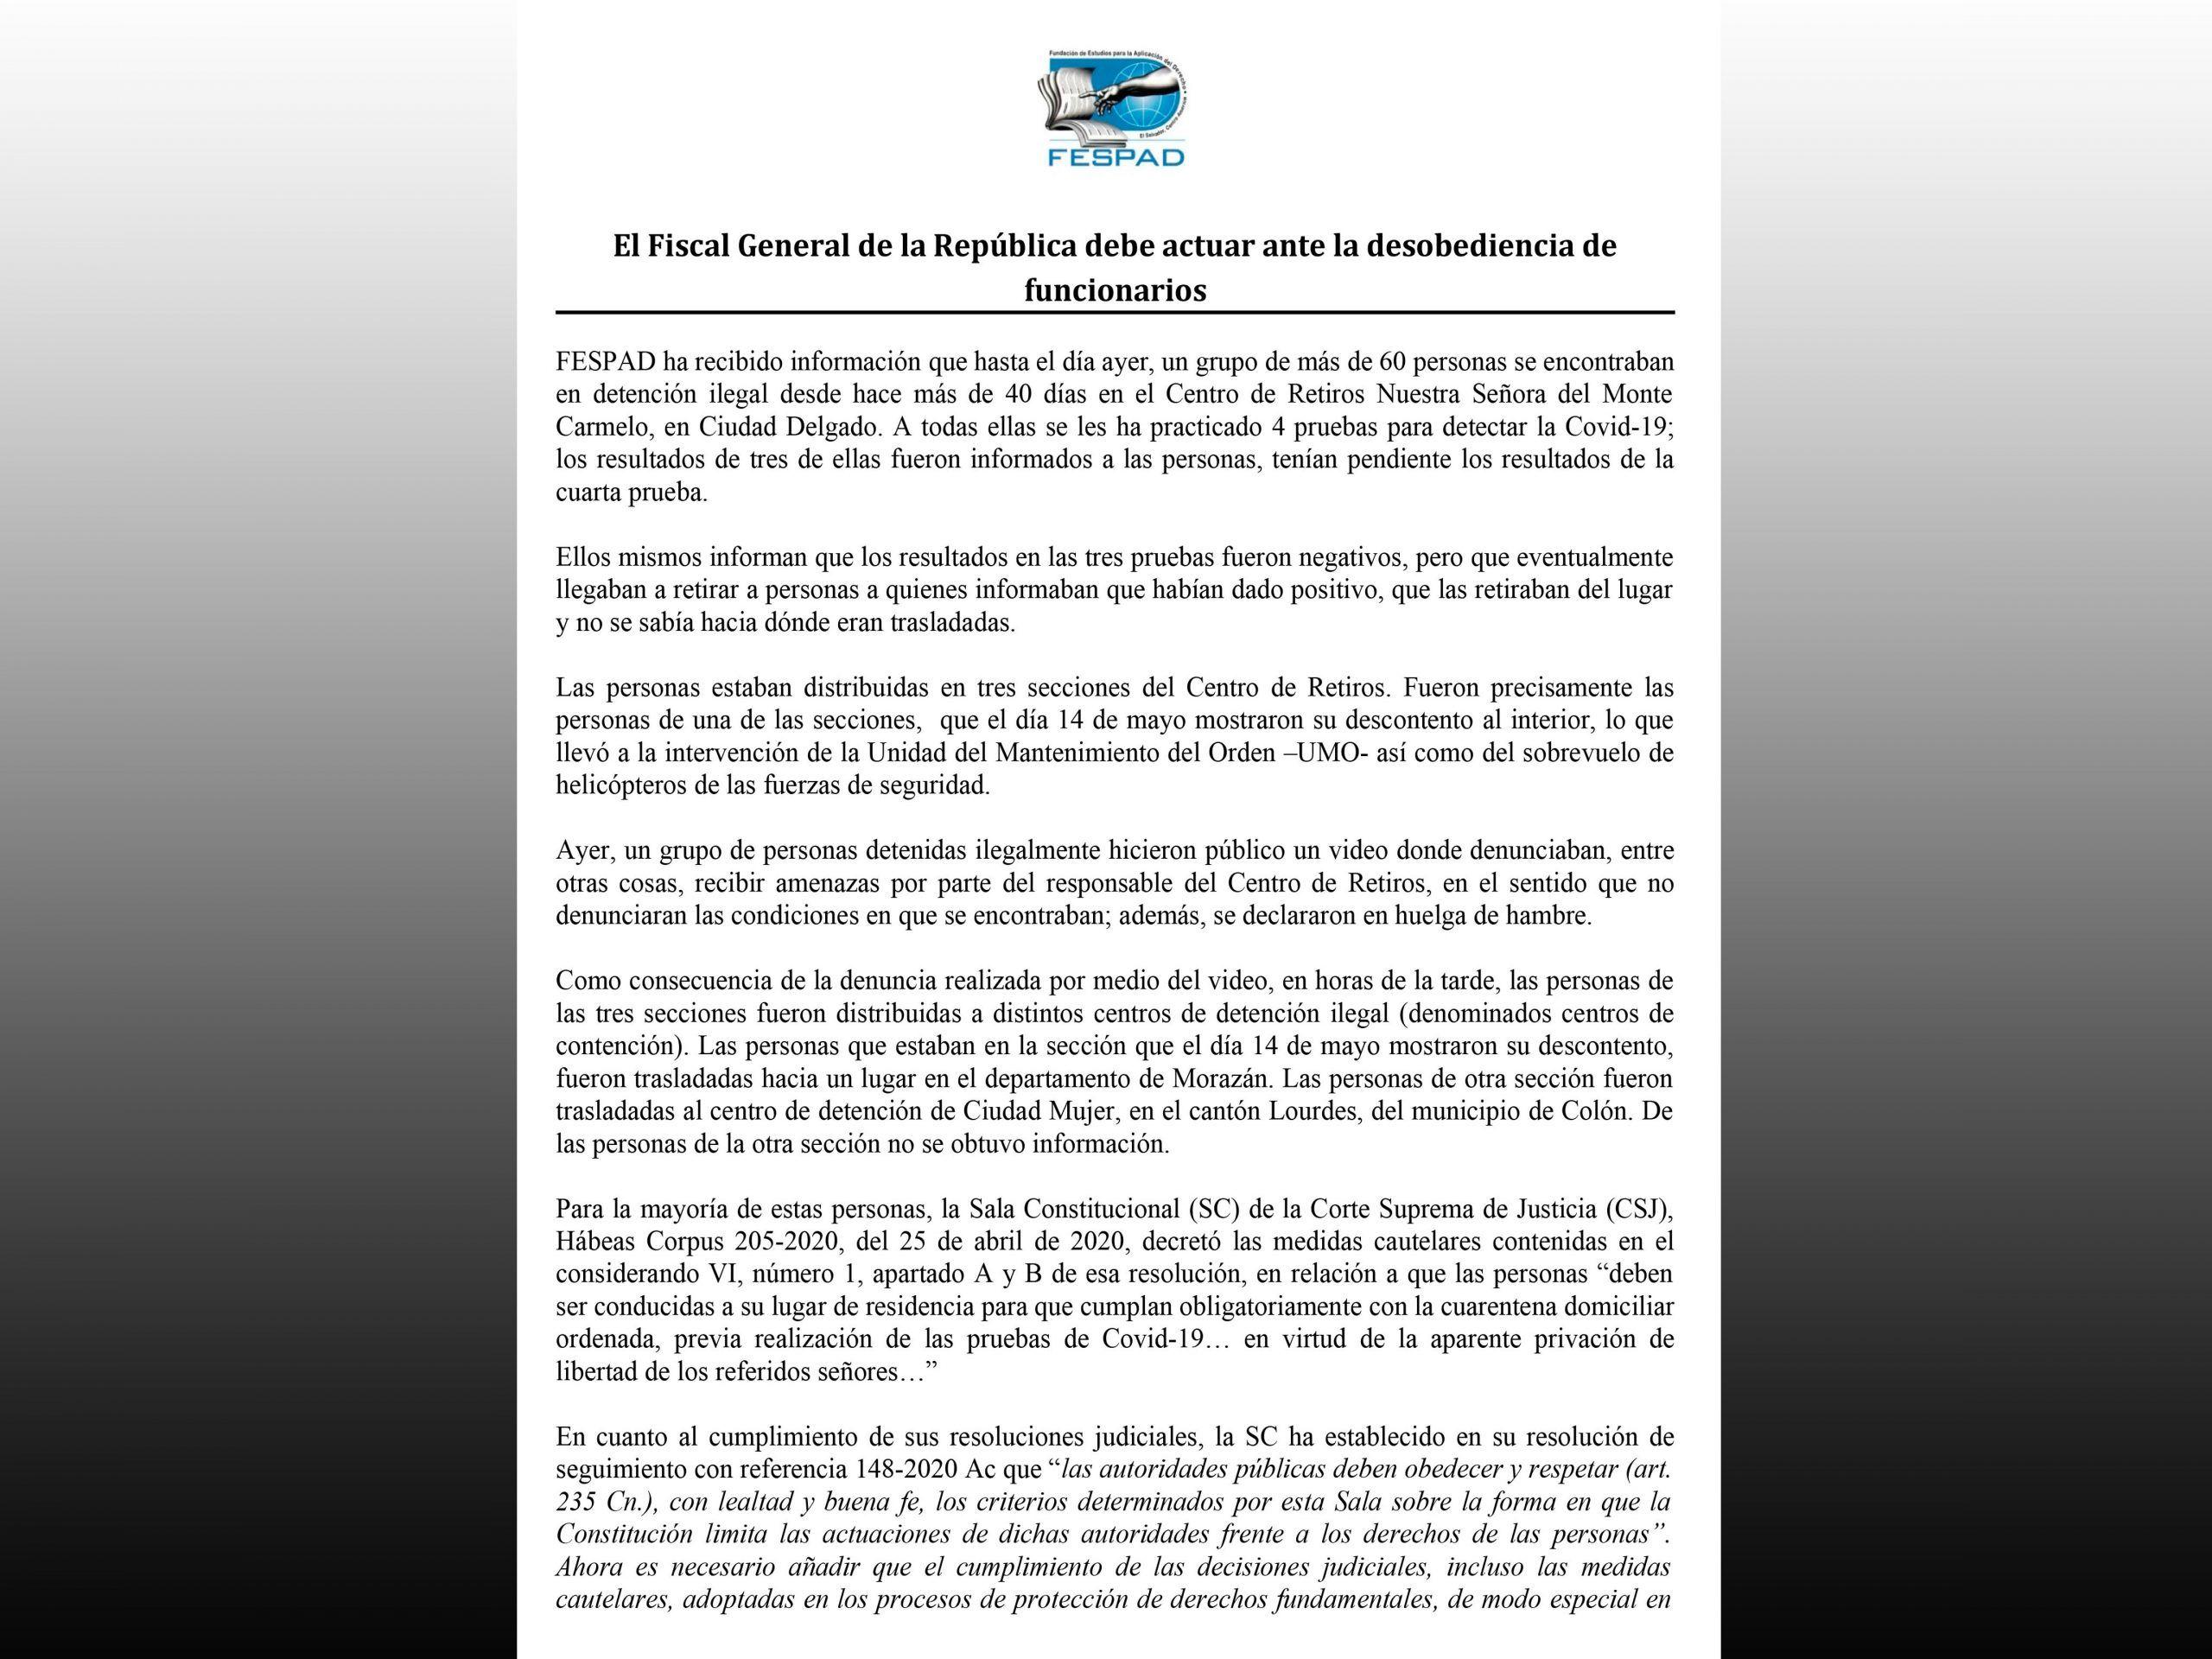 Comunicado: El Fiscal General de la República debe actuar ante desobediencia de funcionarios